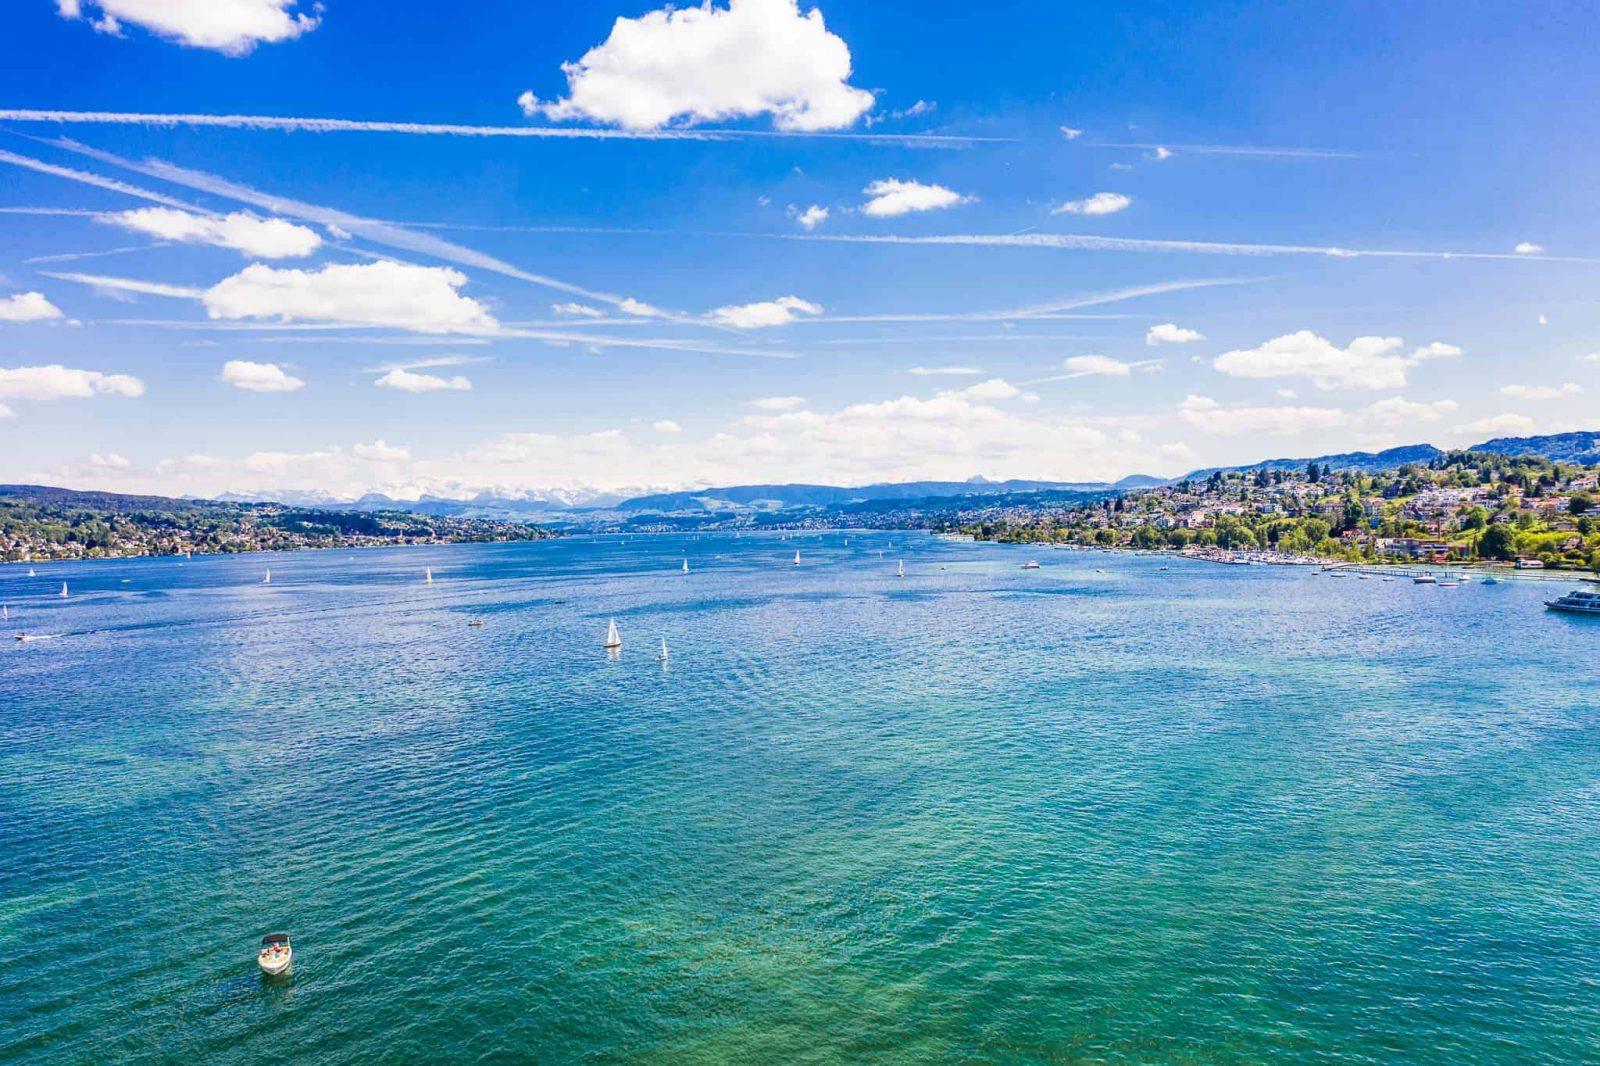 züricher See aus der Luft, Vogelperspektive, Mavic 2 pro,